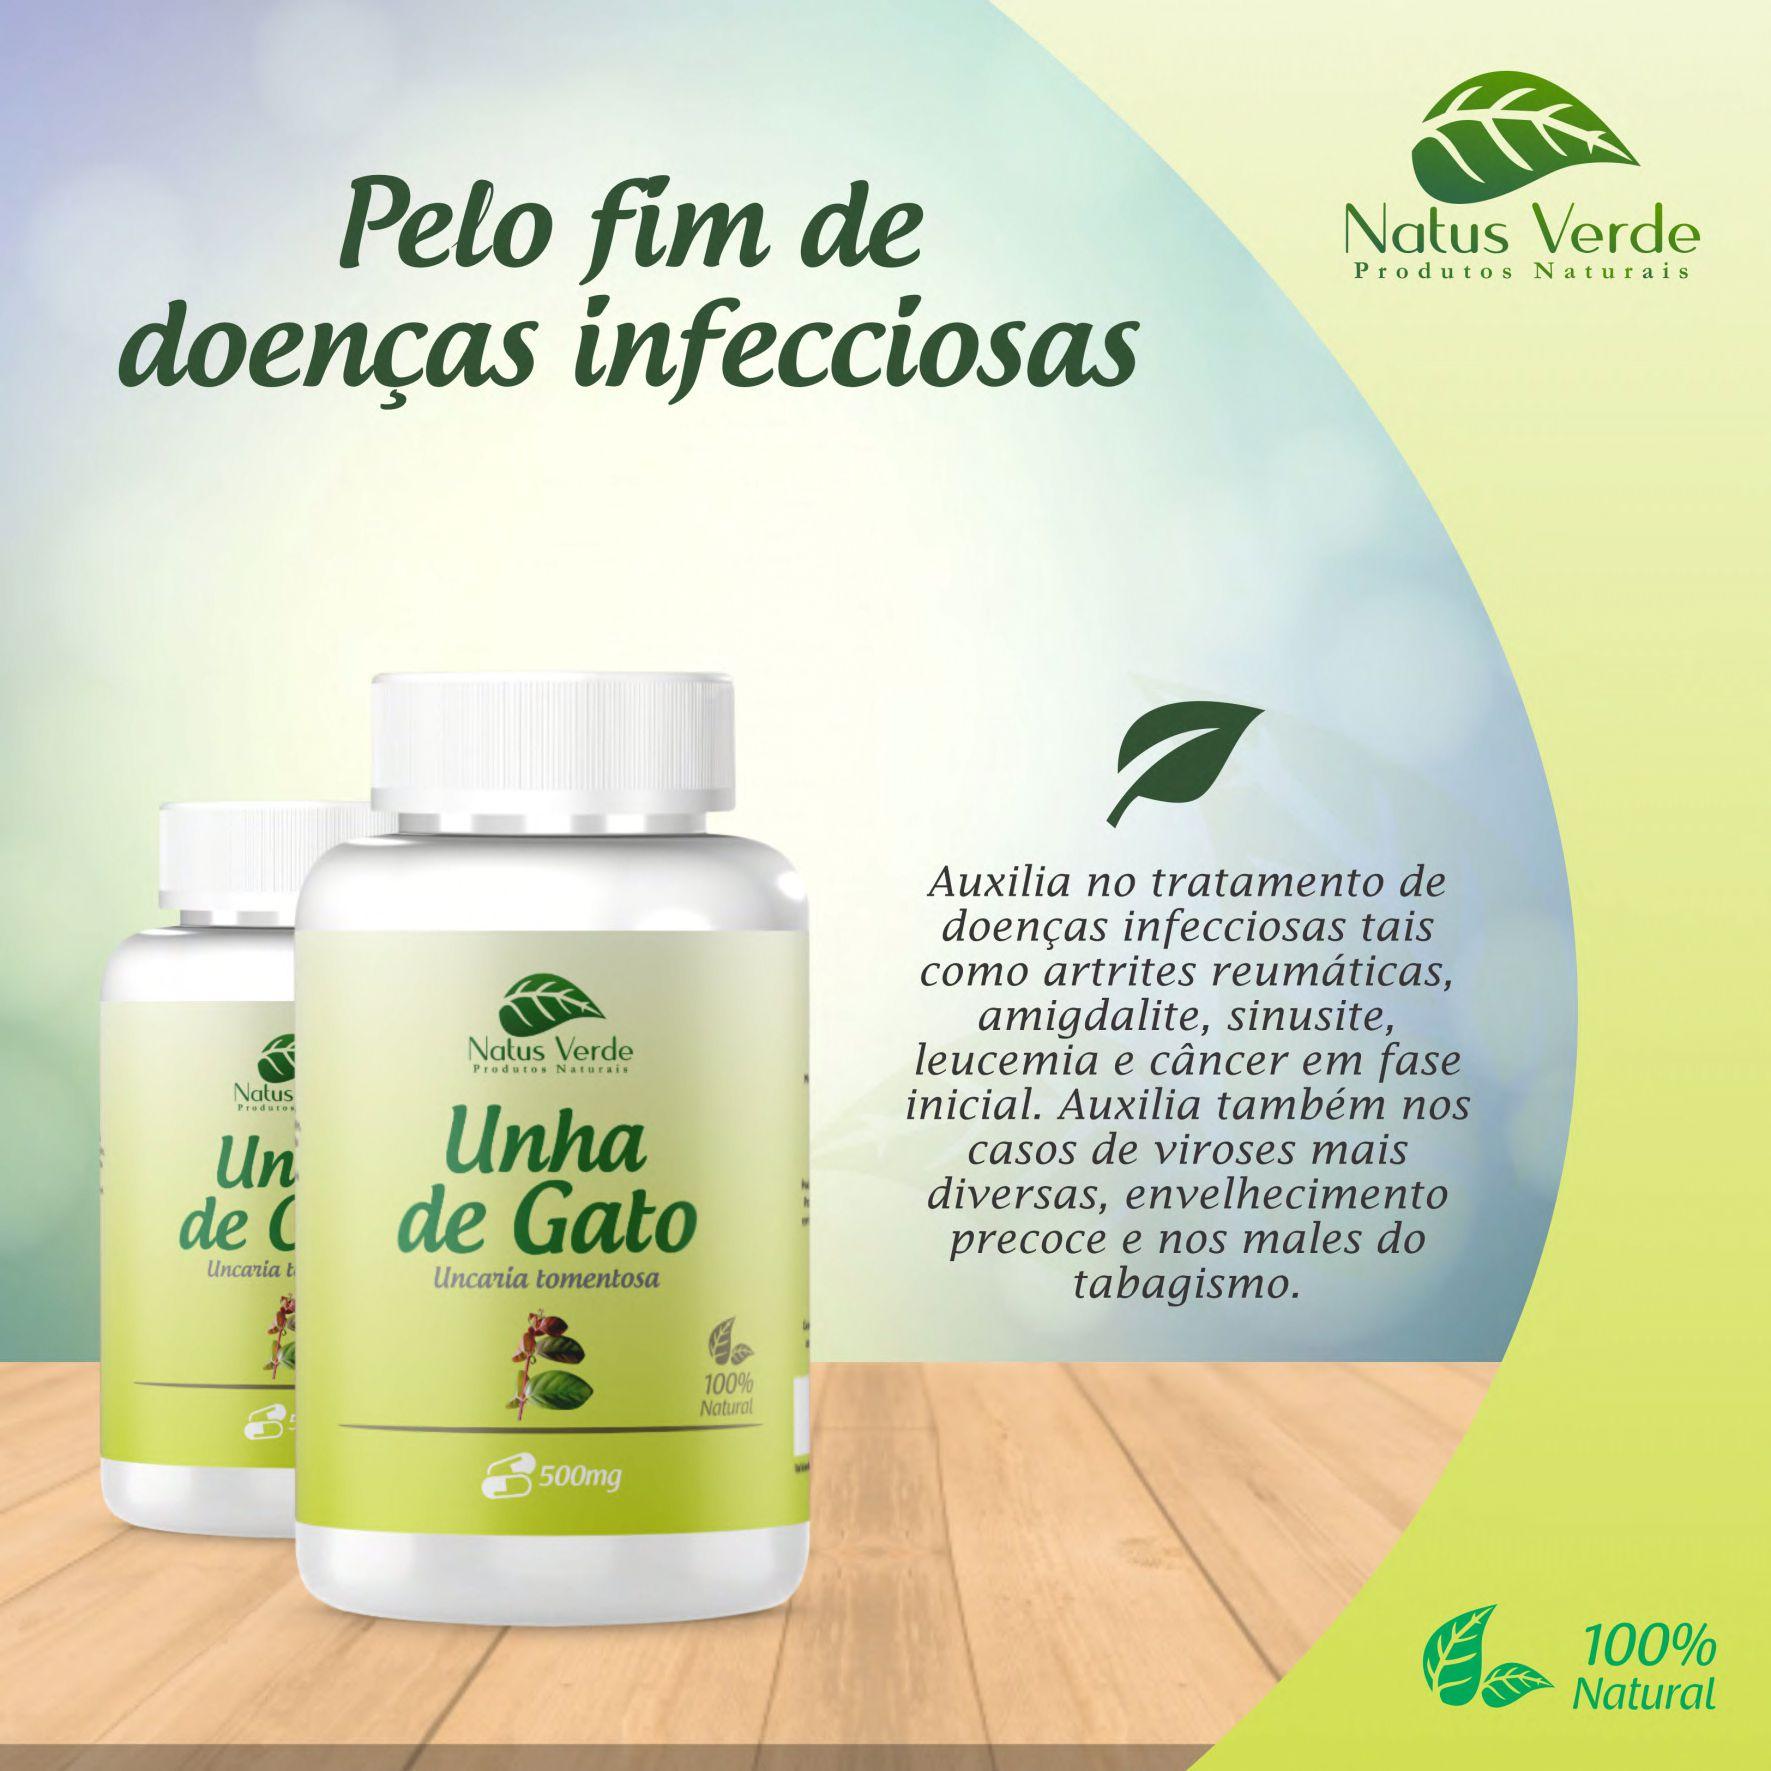 Composto Natural Unha de Gato 500mg 60Caps Natus Verde  - Fribasex - Fabricasex.com